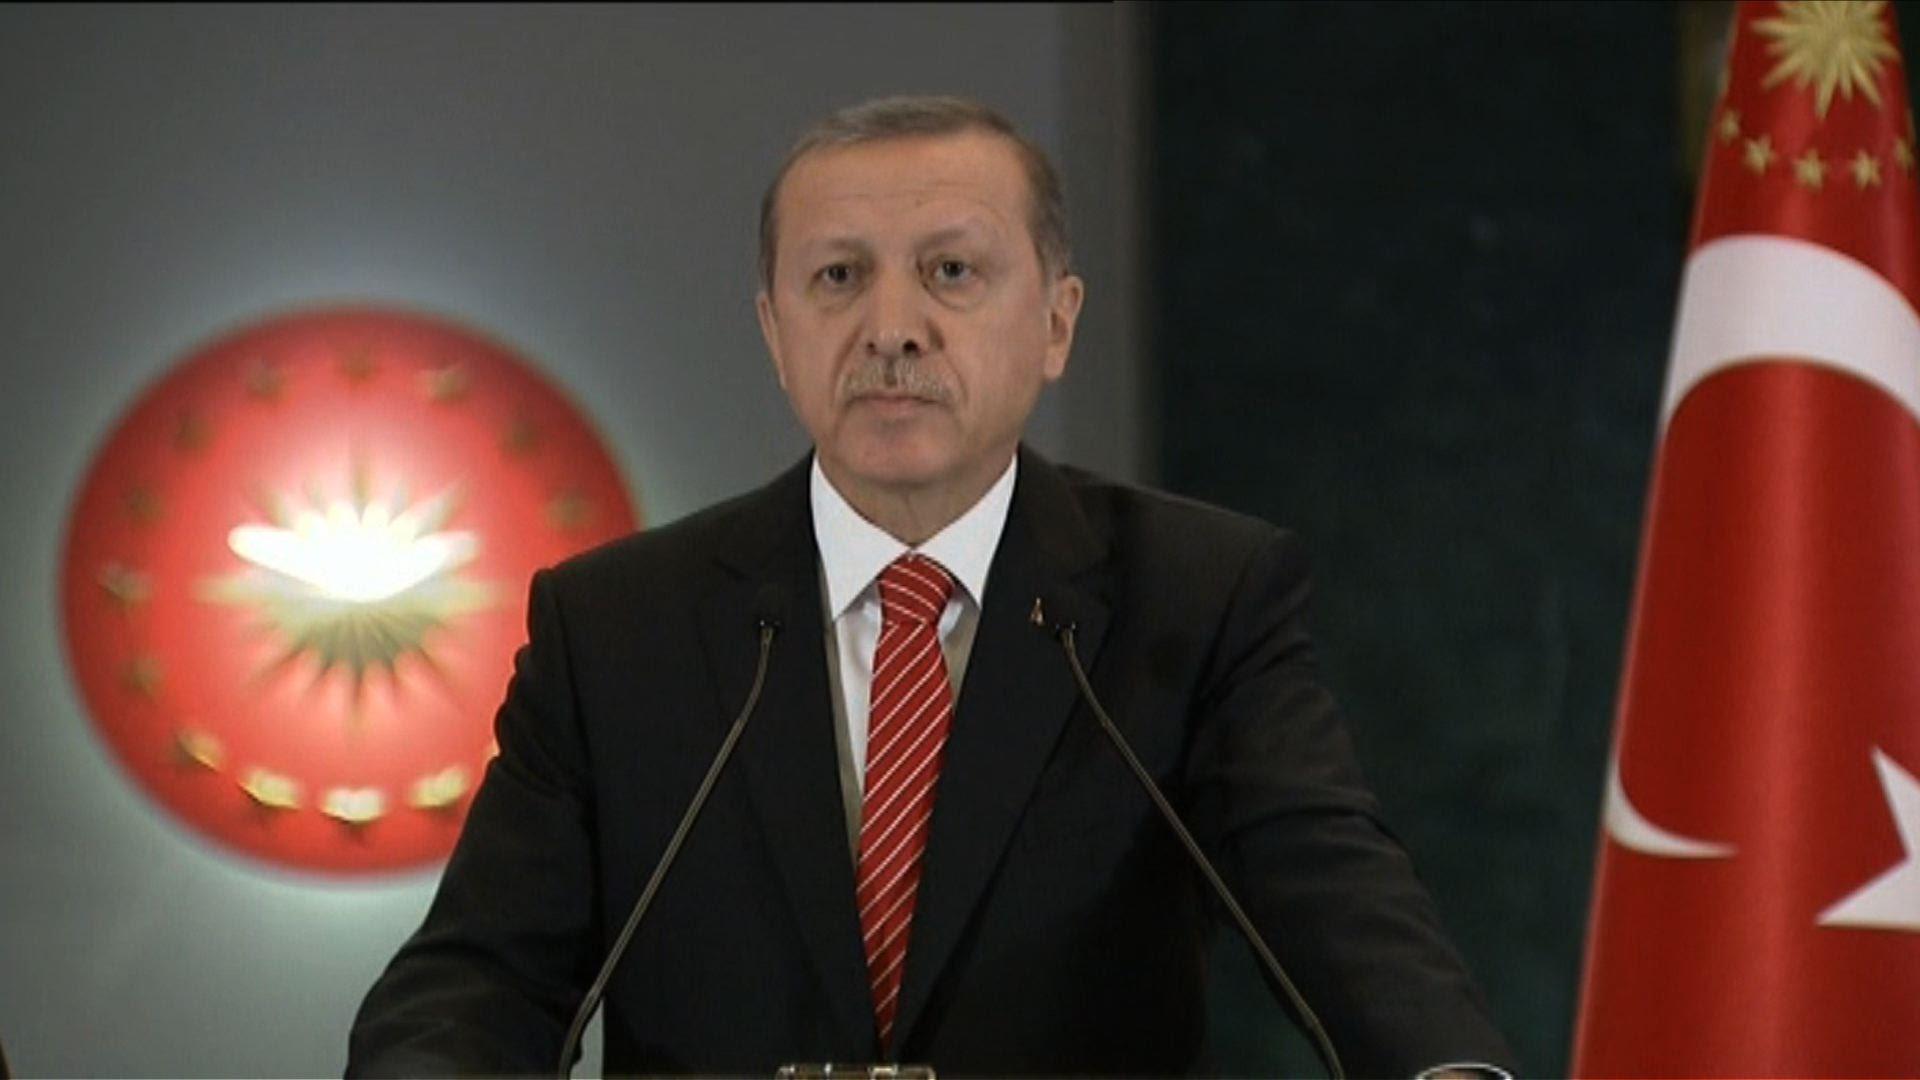 【滅茶苦茶】緊急事態宣言中のトルコ、エルドアン大統領がメディア131社に閉鎖を命令!